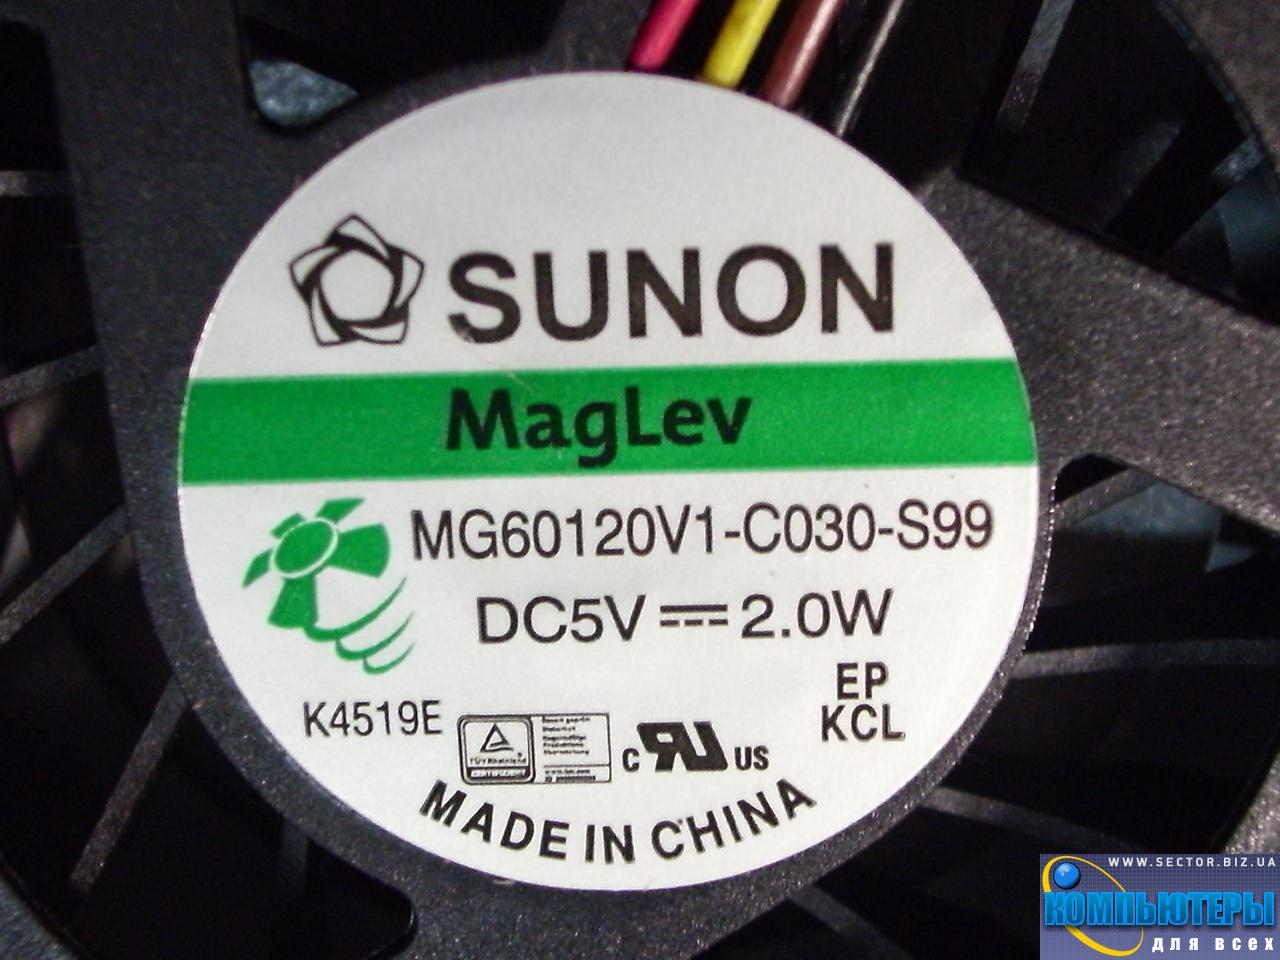 Кулер к ноутбуку Lenovo G470 G470A G470AH G475 G475A G474GL G470AL G570 G575 p/n: MG60120V1-C030-S99. Фото № 2.